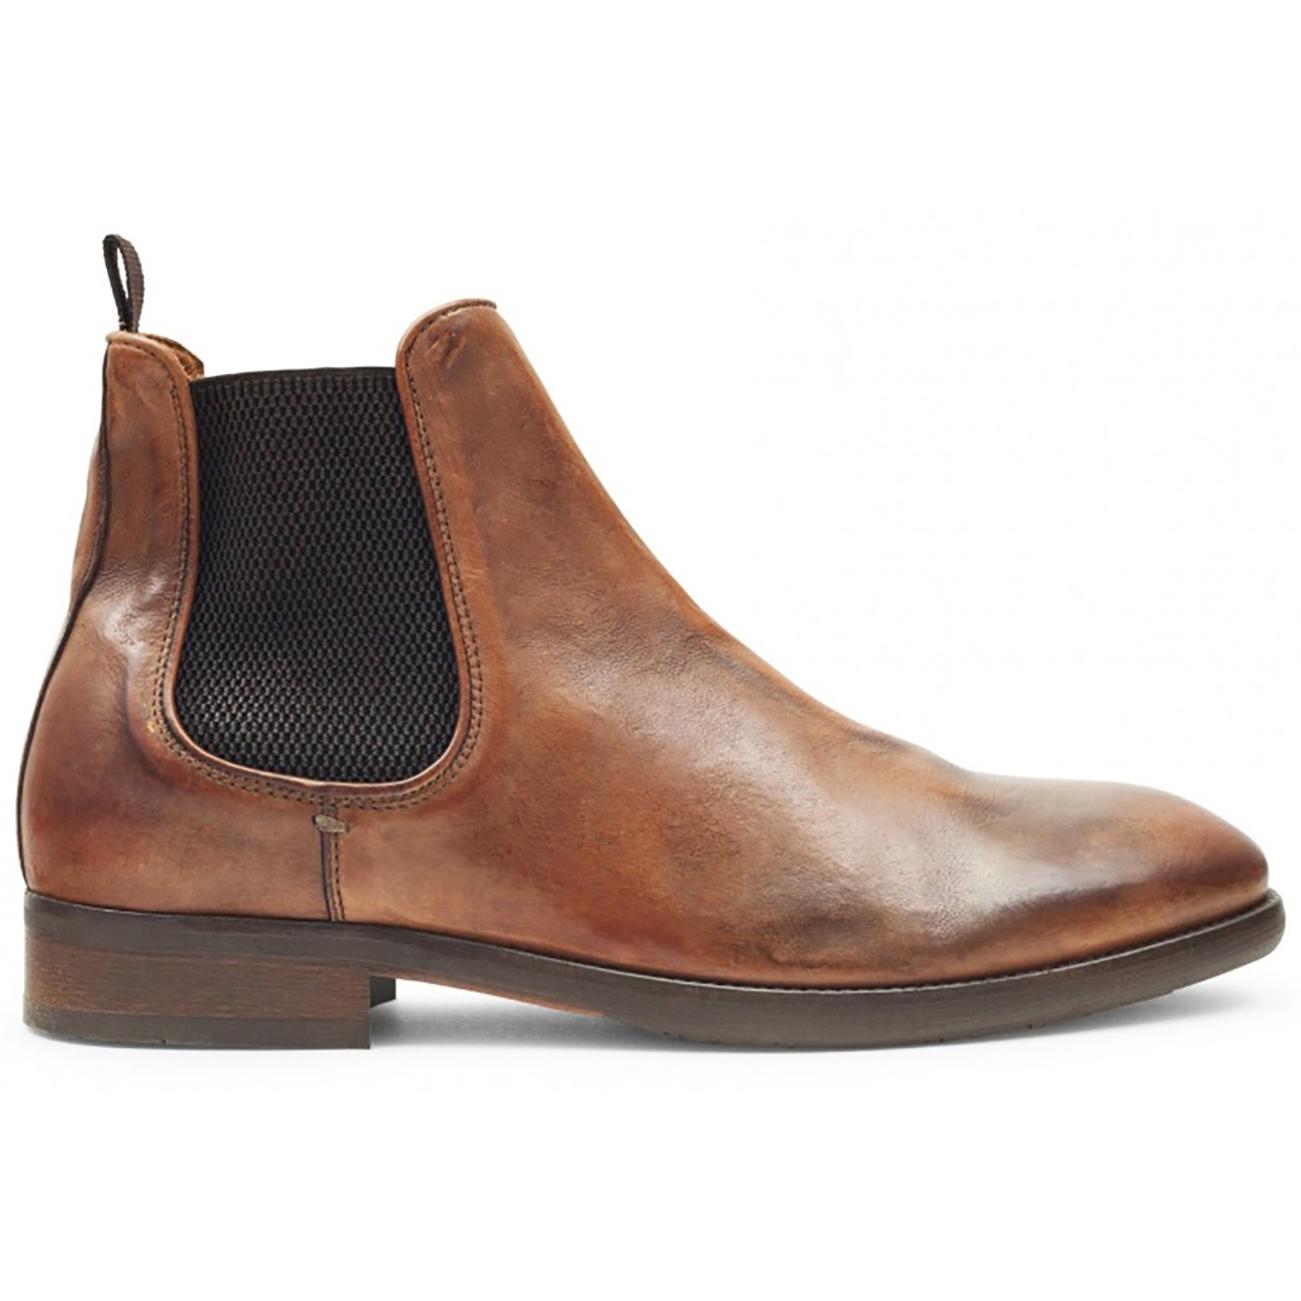 Mens Hudson London Kirchner Calf Leather Office Elastic Chelsea Boots UK 7-12